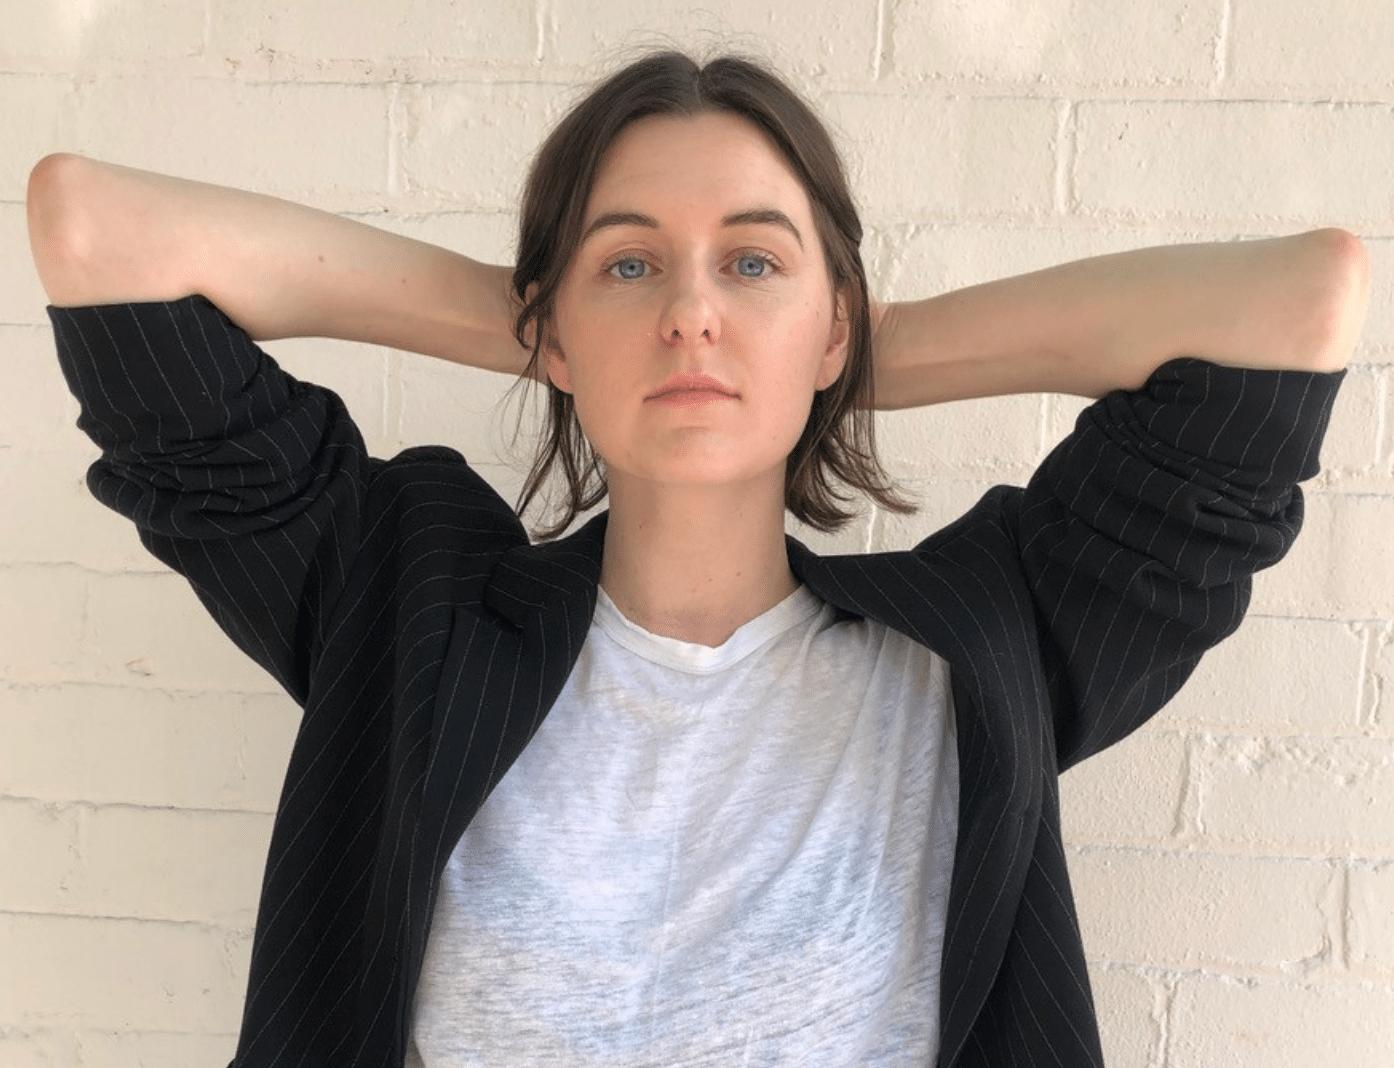 Victoria Pearson